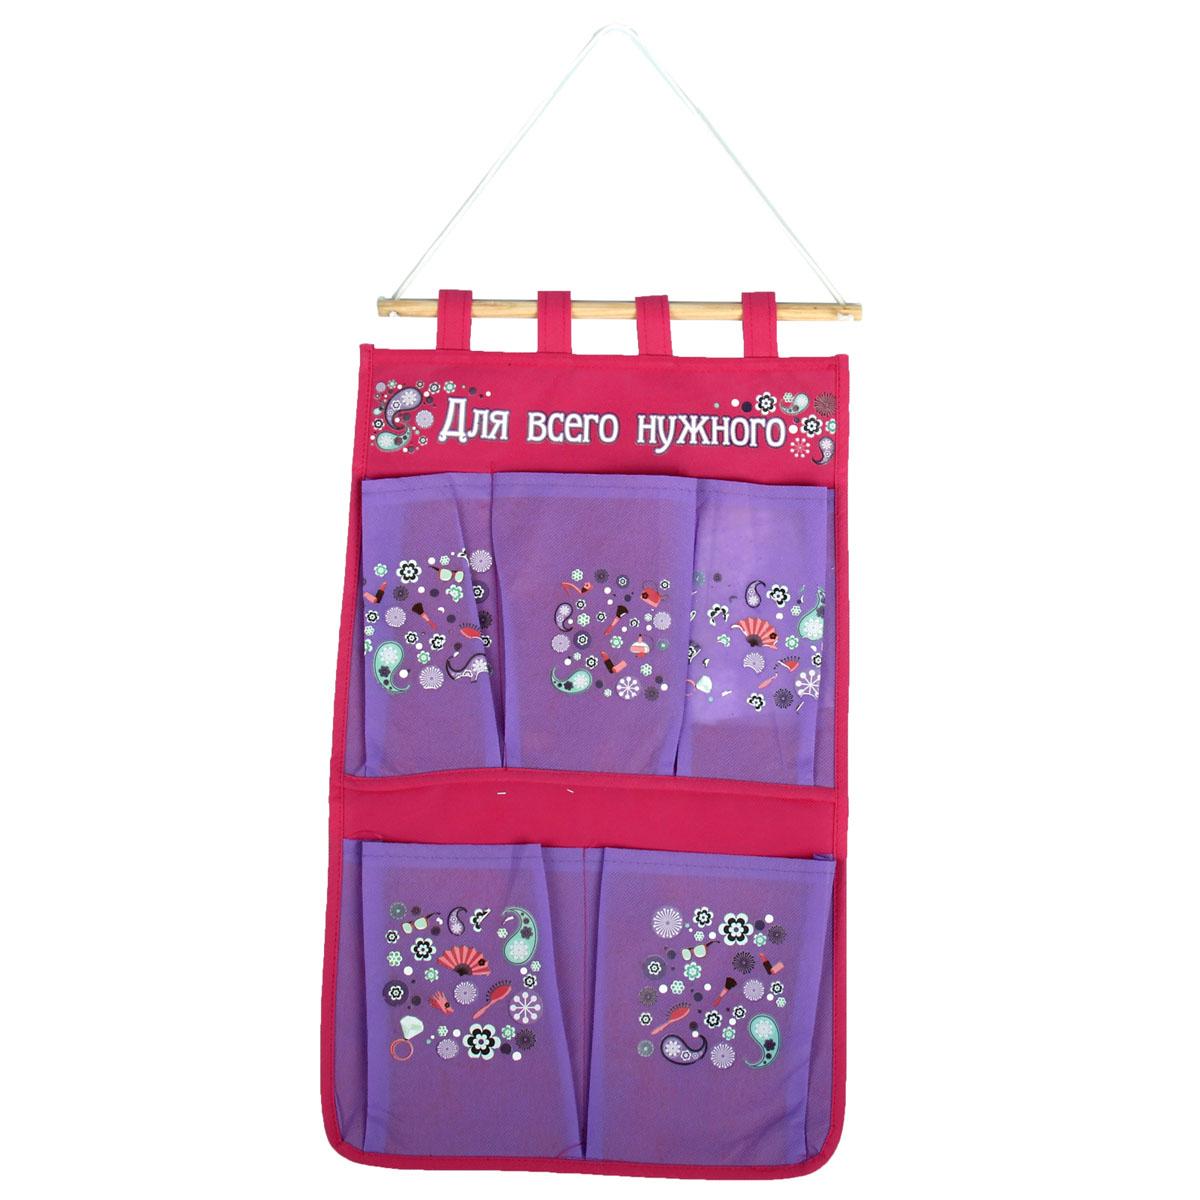 Кармашки на стену Sima-land Для всего нужного, цвет: фиолетовый, 5 шт906886Кармашки на стену Sima-land Для всего нужного, изготовленные из текстиля, предназначены для хранения необходимых вещей, множества мелочей в гардеробной, ванной, детской комнатах. Изделие представляет собой текстильное полотно с 5 пришитыми кармашками. Благодаря деревянной планке и шнурку, кармашки можно подвесить на стену или дверь в необходимом для вас месте. Кармашки декорированы изображениями женских различных аксессуаров и цветов. Этот нужный предмет может стать одновременно и декоративным элементом комнаты. Яркий дизайн, как ничто иное, способен оживить интерьер вашего дома.